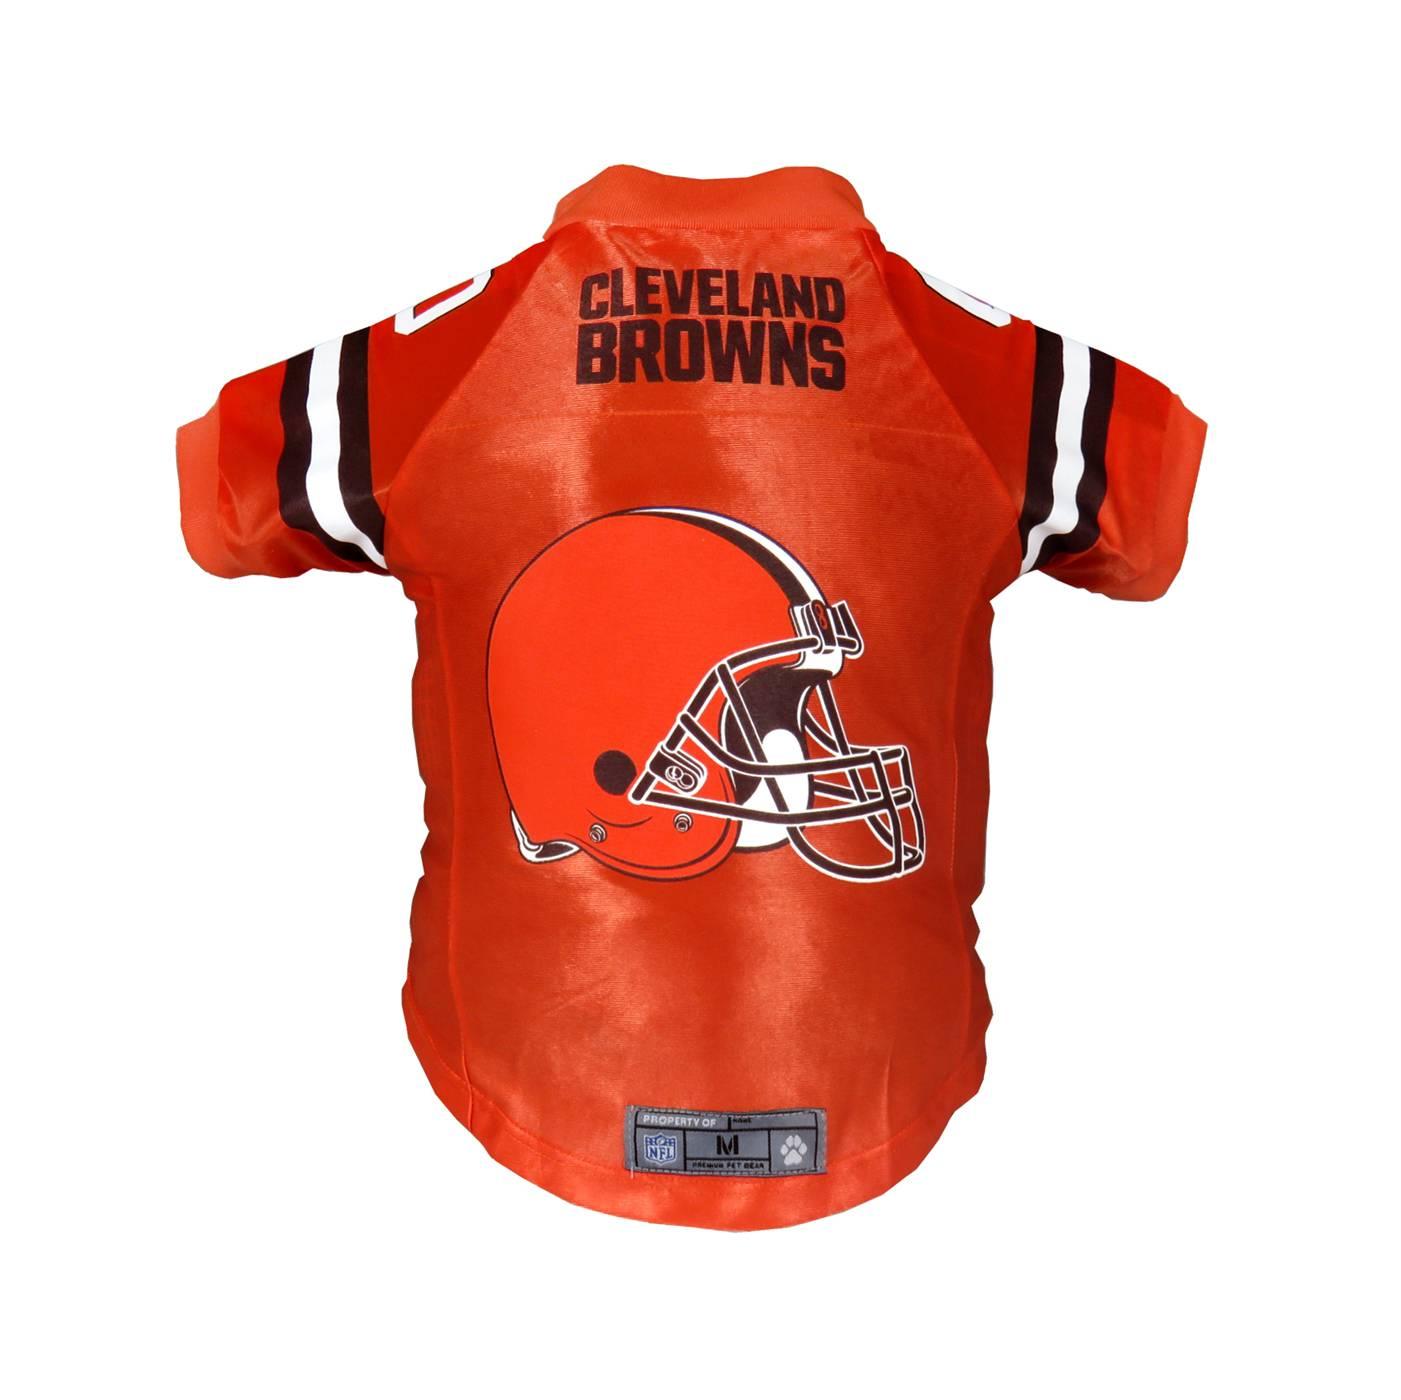 Cleveland Browns Premium Dog Jersey 04df7b700